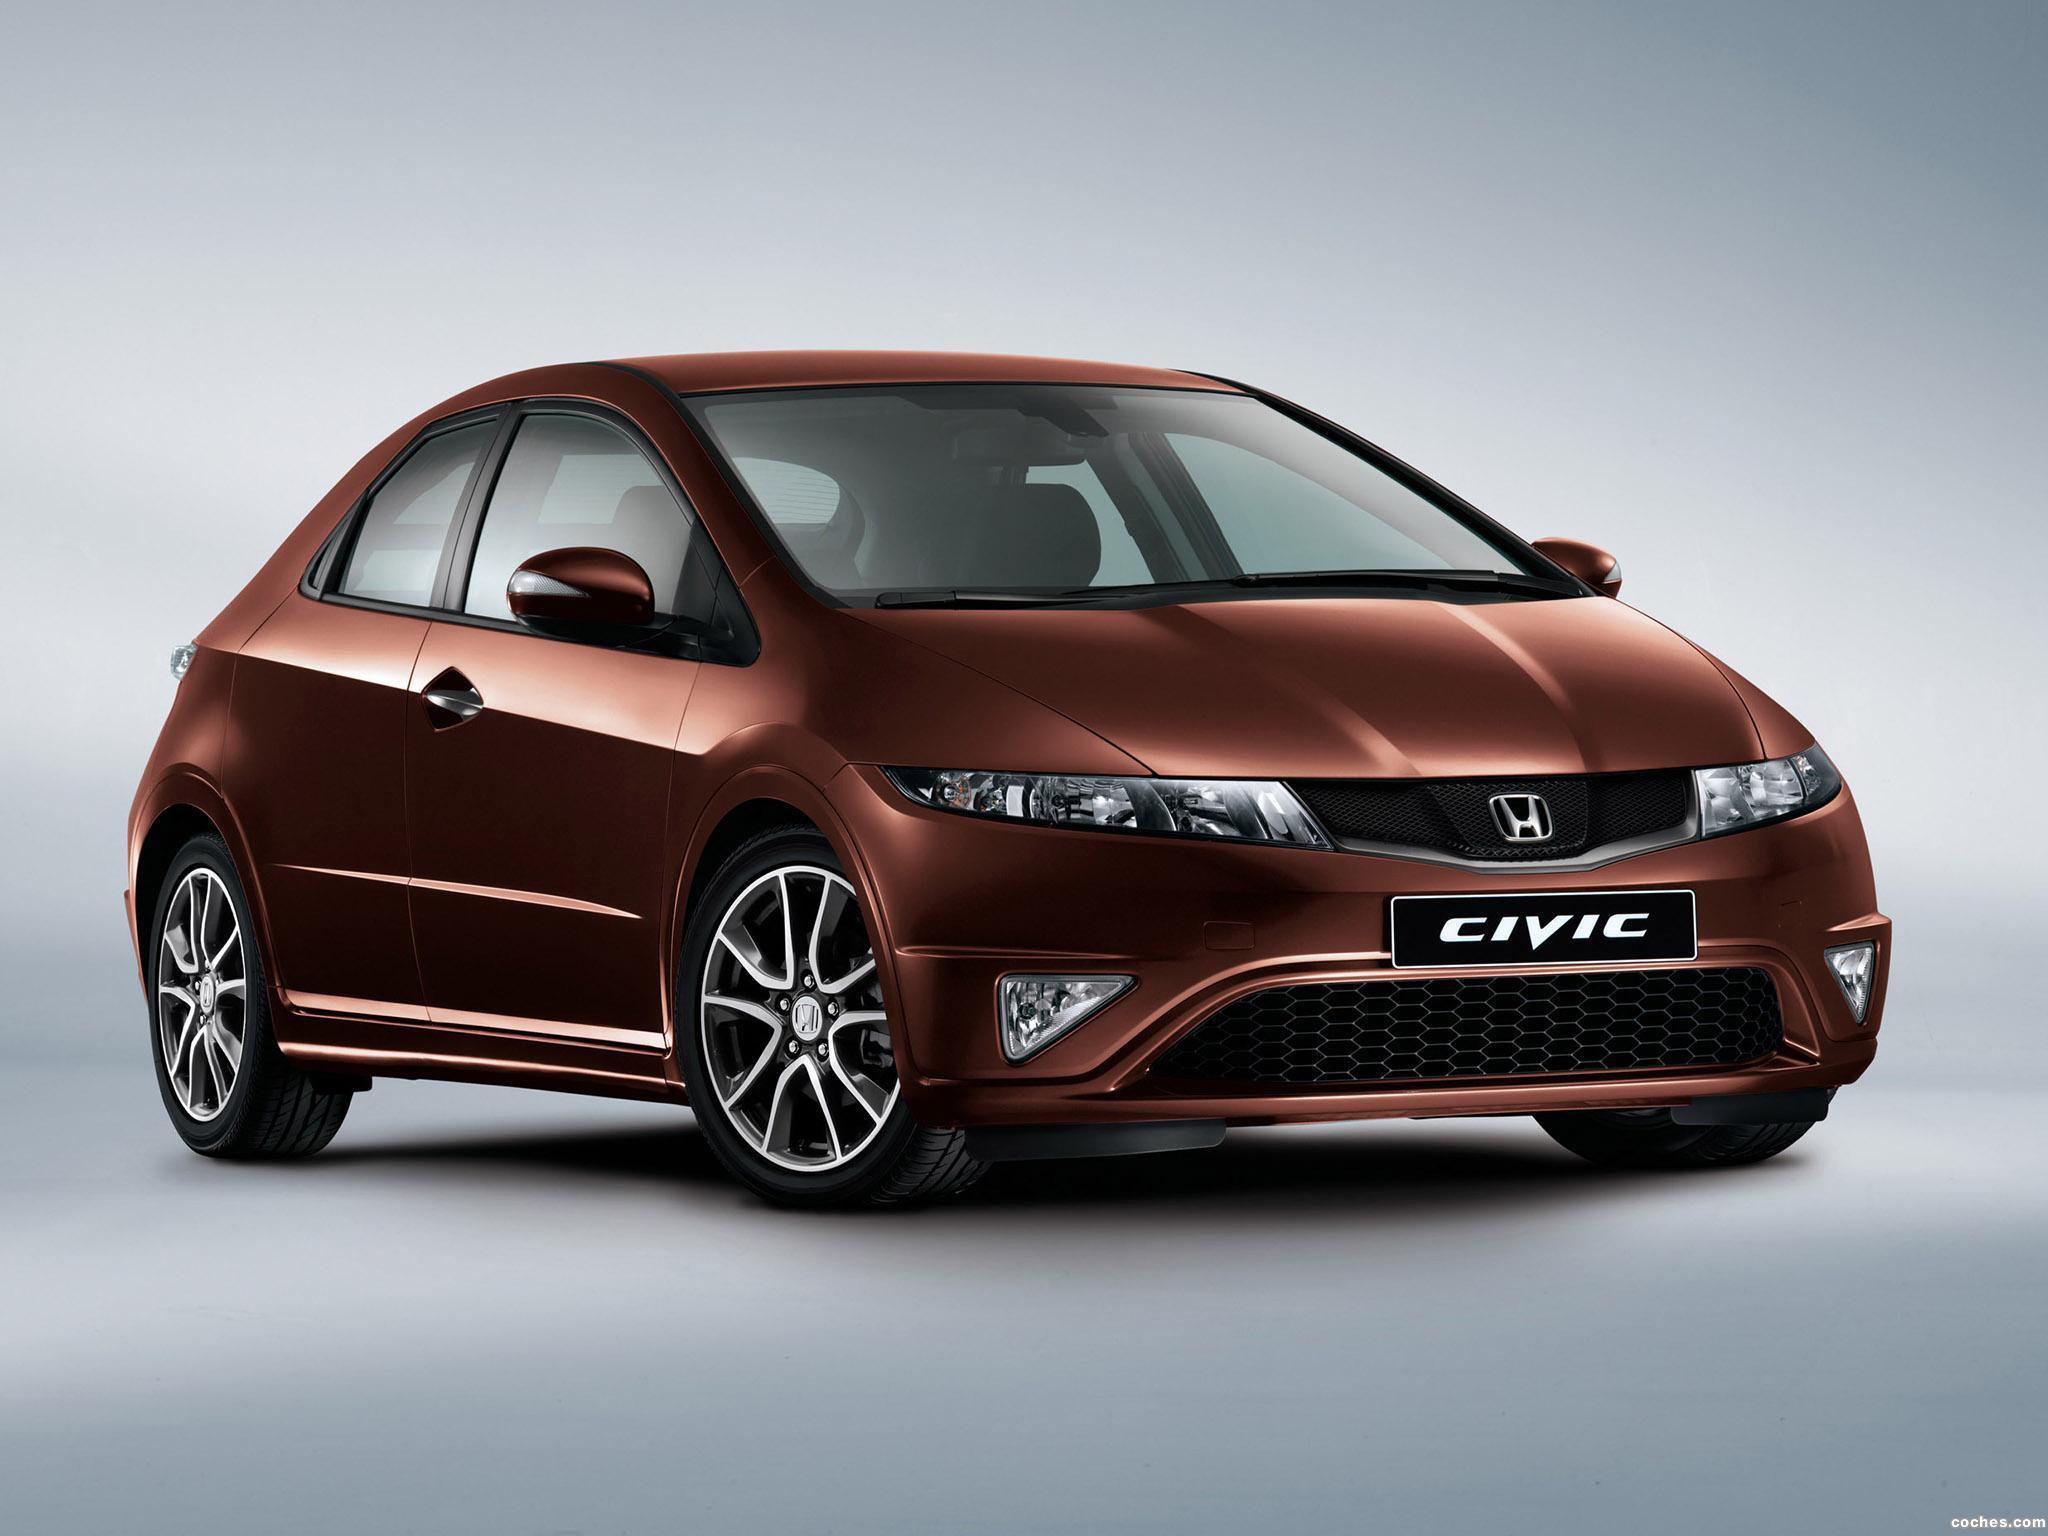 Honda представила новые фото купе Civic.